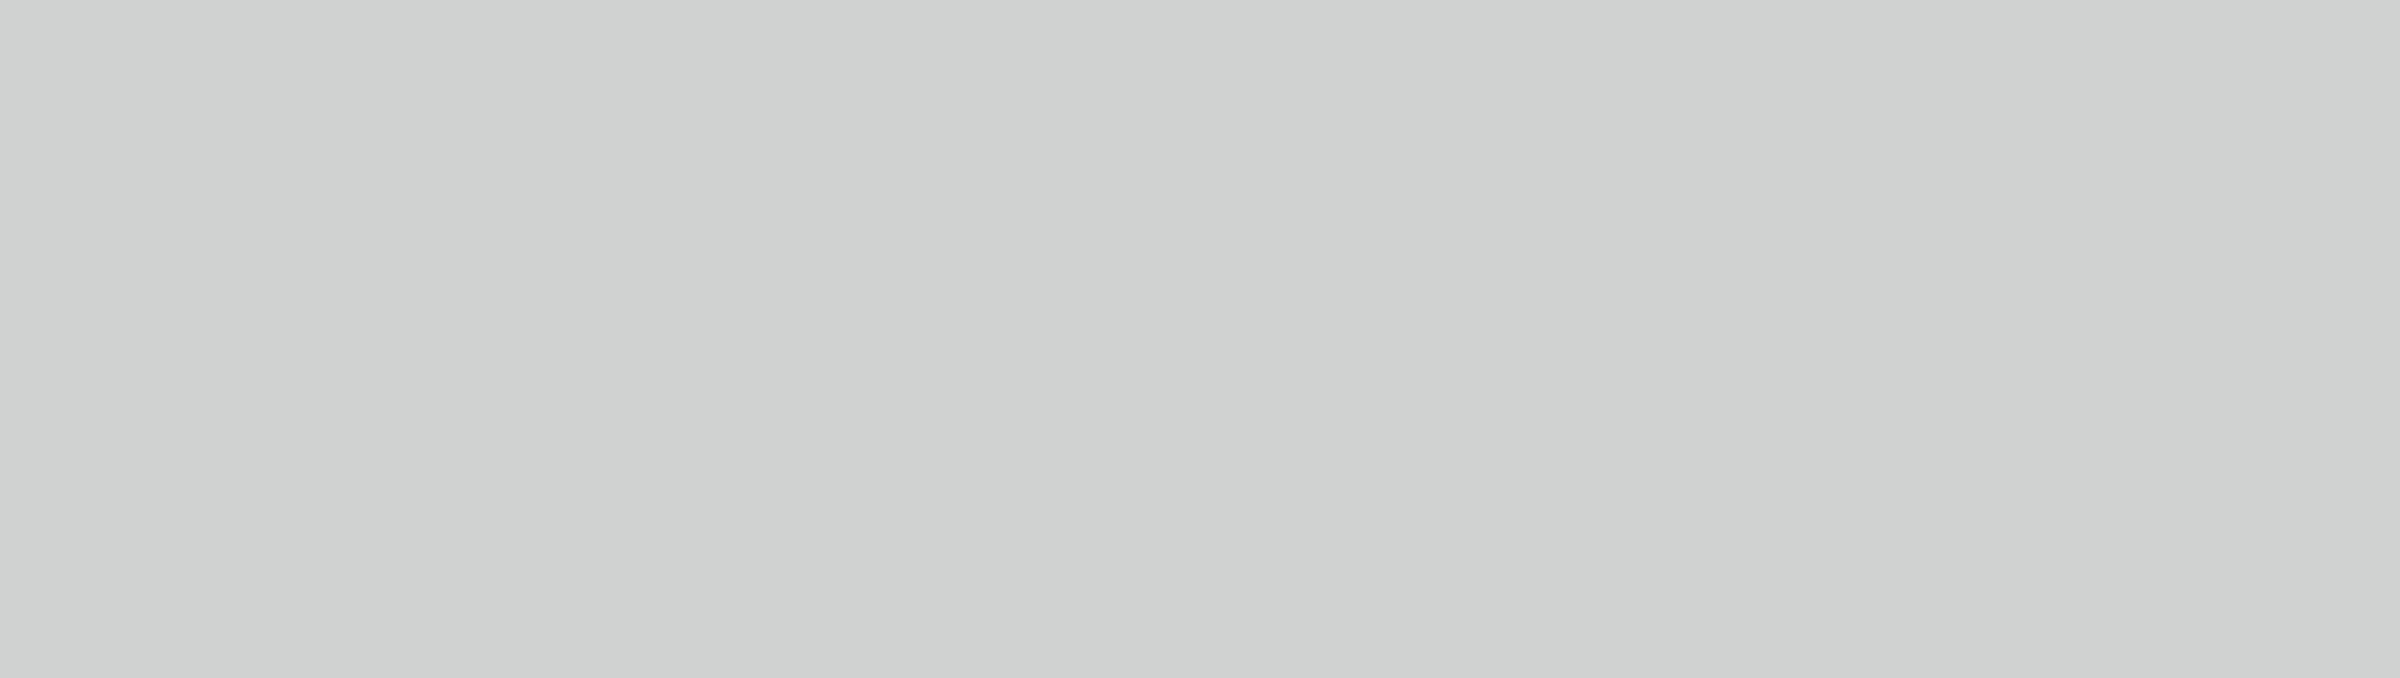 instagram-png-transparent-logo